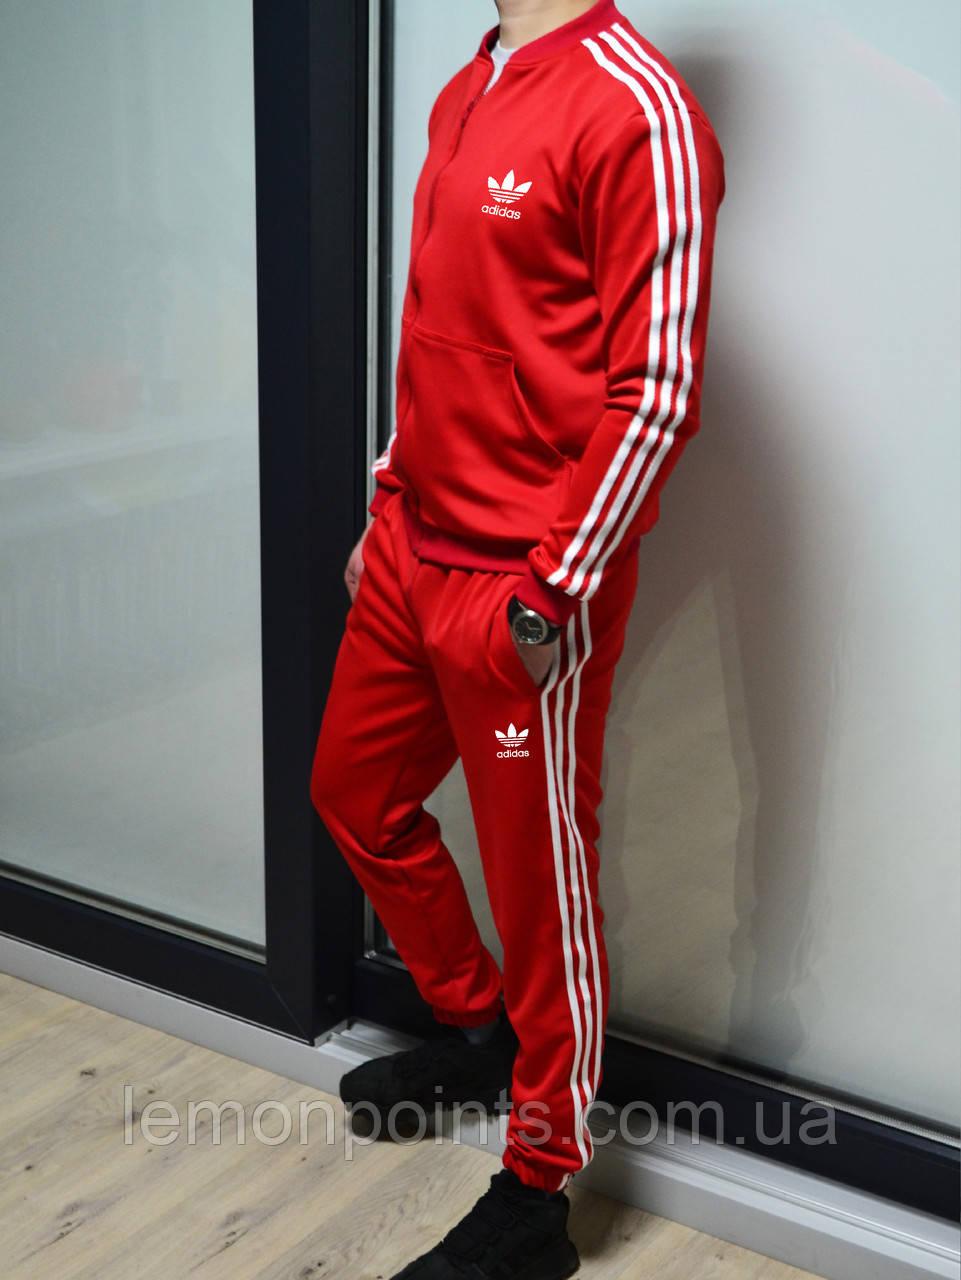 Теплий чоловічий спортивний костюм з лампасами Adidas (адідас) дайвінг